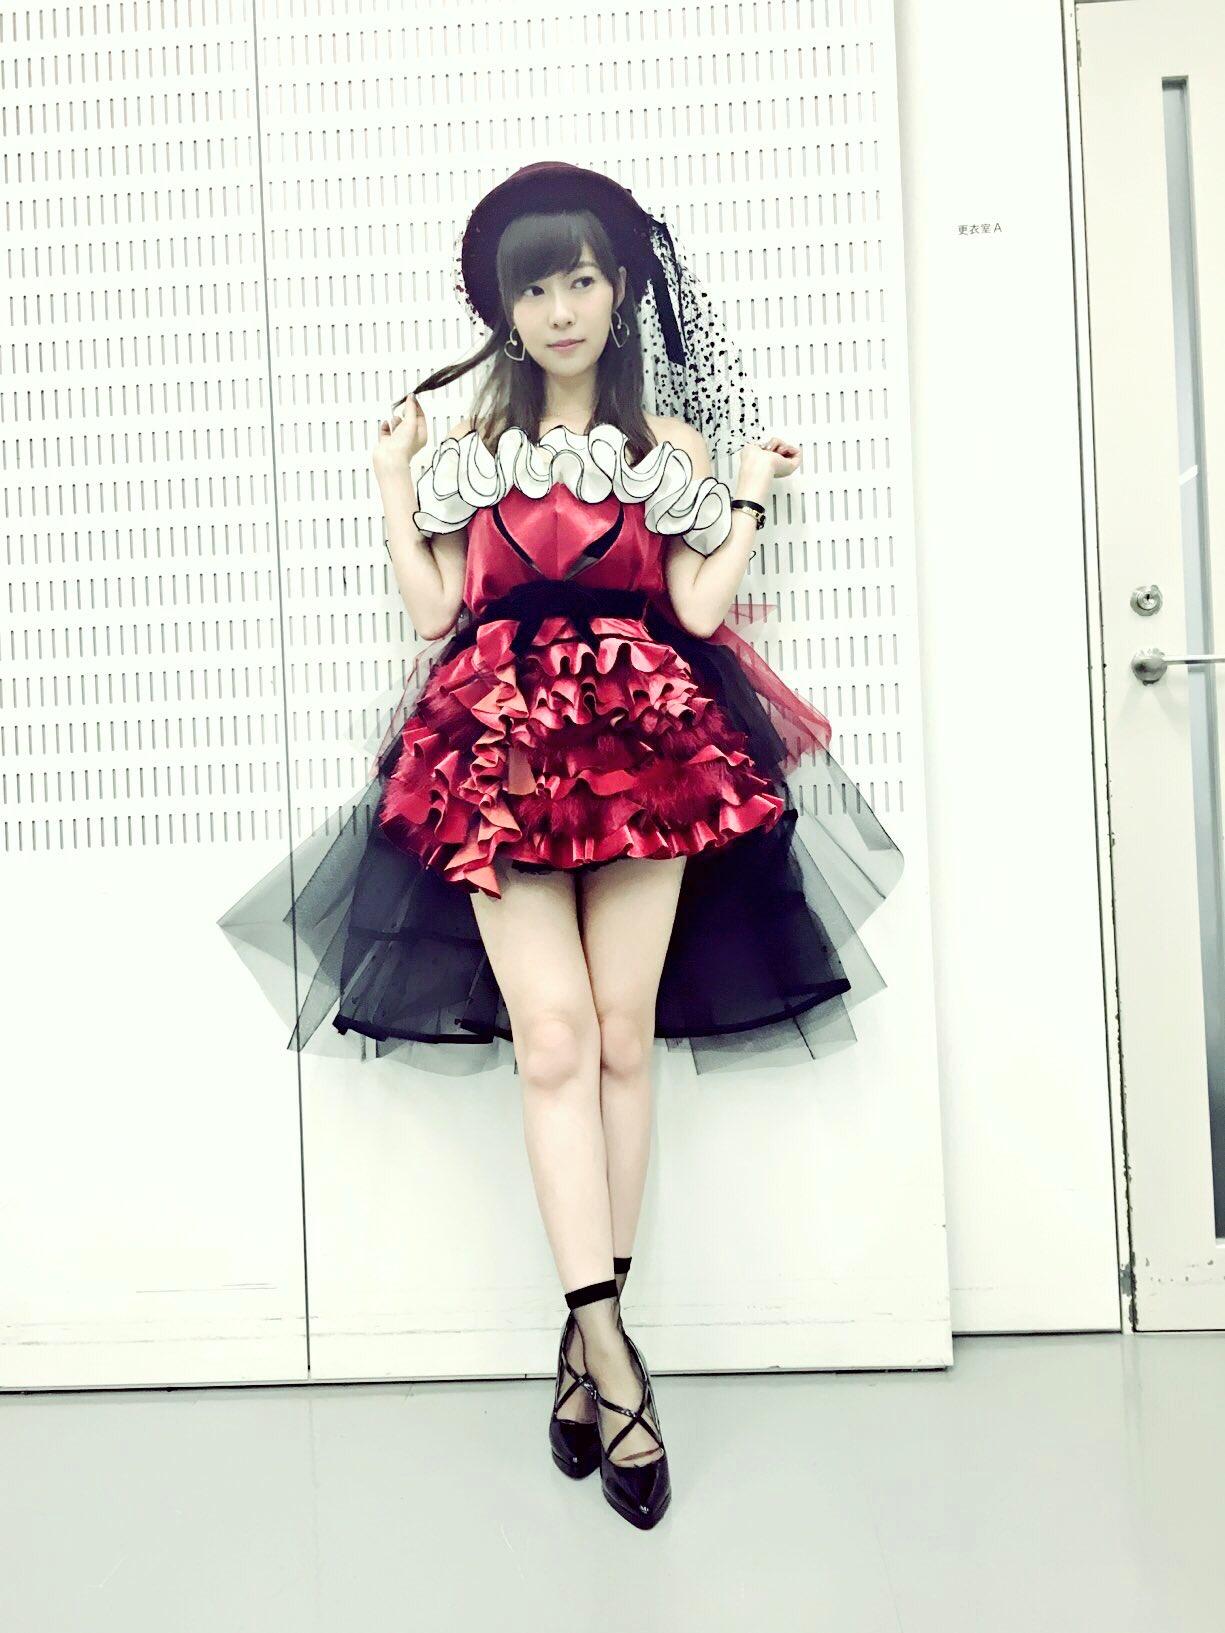 """女性アイドル衣装画像 on Twitter: """"LOVE TRIP(AKB48) Mステ披露新衣装…"""